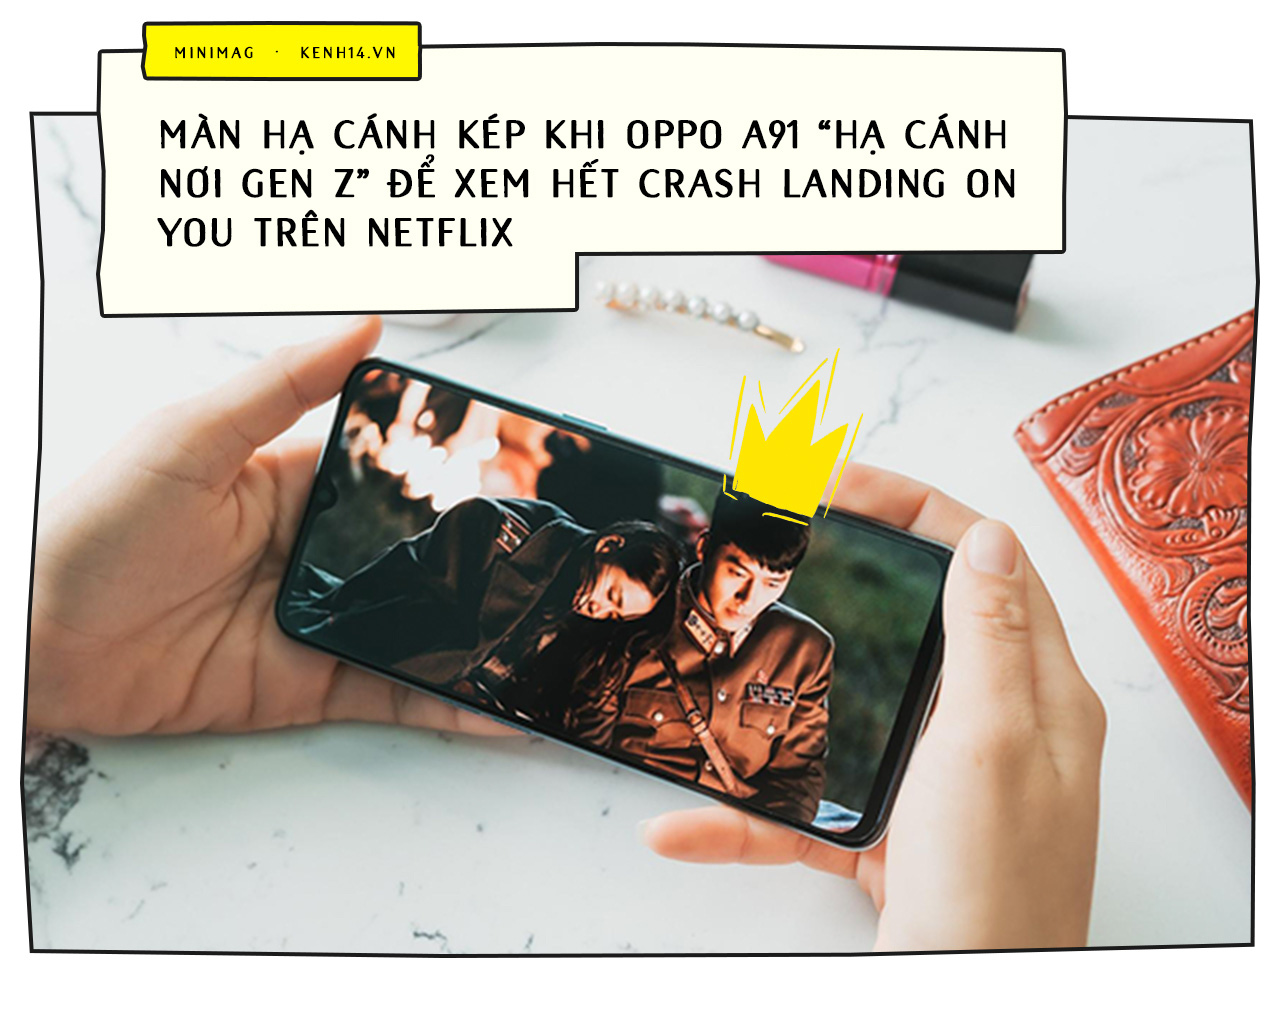 Tất tay xuống tiền sắm một chiếc điện thoại chưa đến 7 triệu, nhận lại được quá nhiều điểm AAA - Ảnh 4.